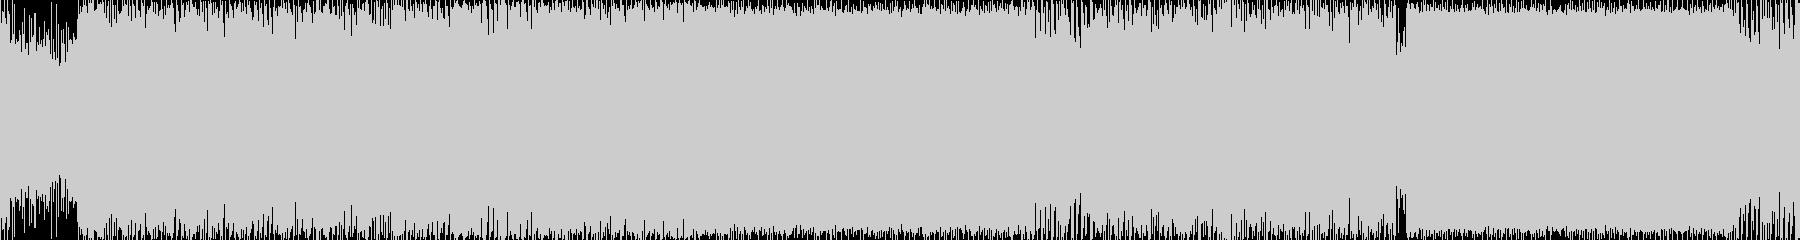 ファンタジーゲームの雪原フィールド曲などの未再生の波形